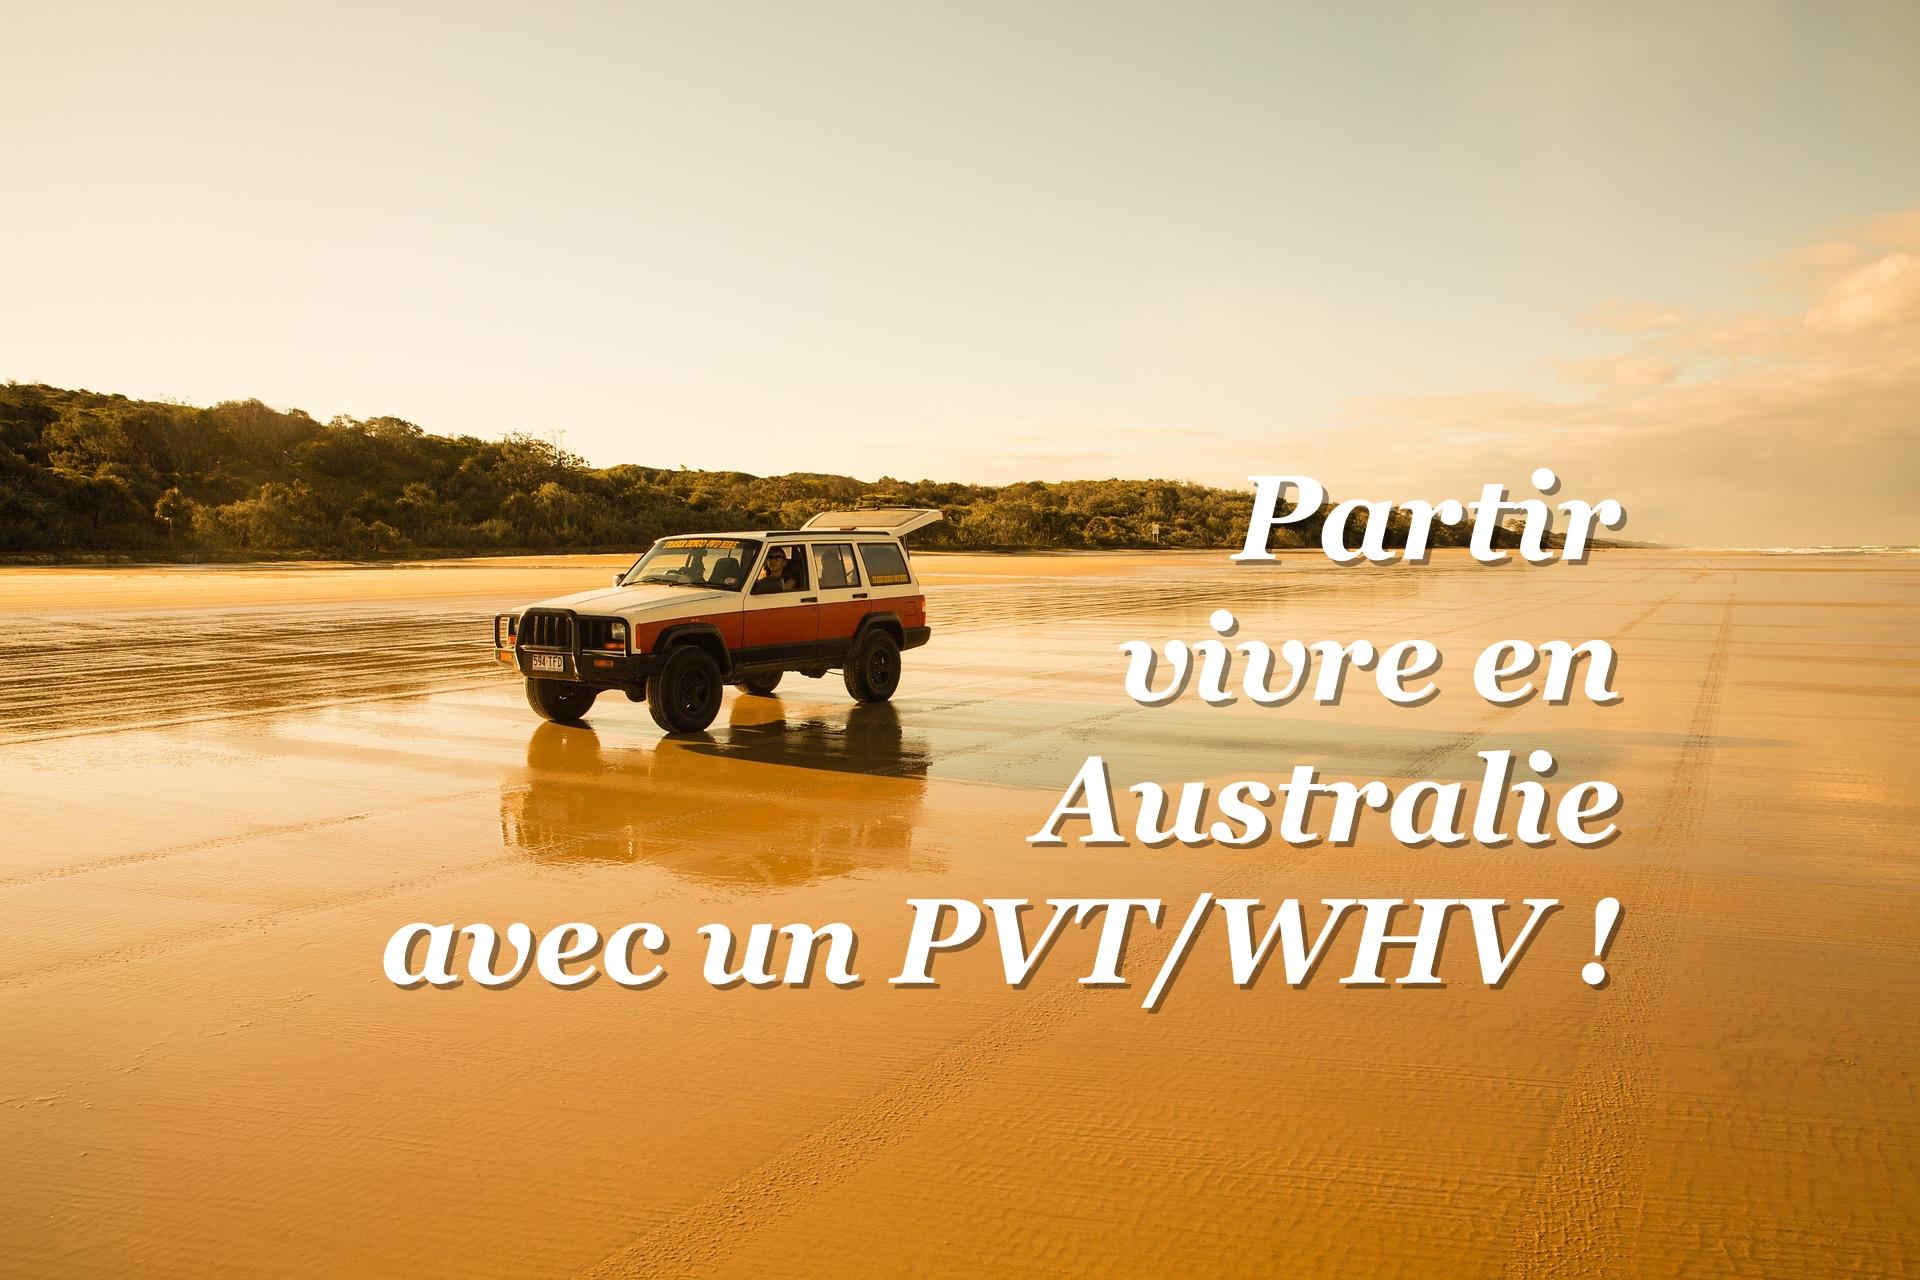 partir vive en australie un an et travailler avec un pvt